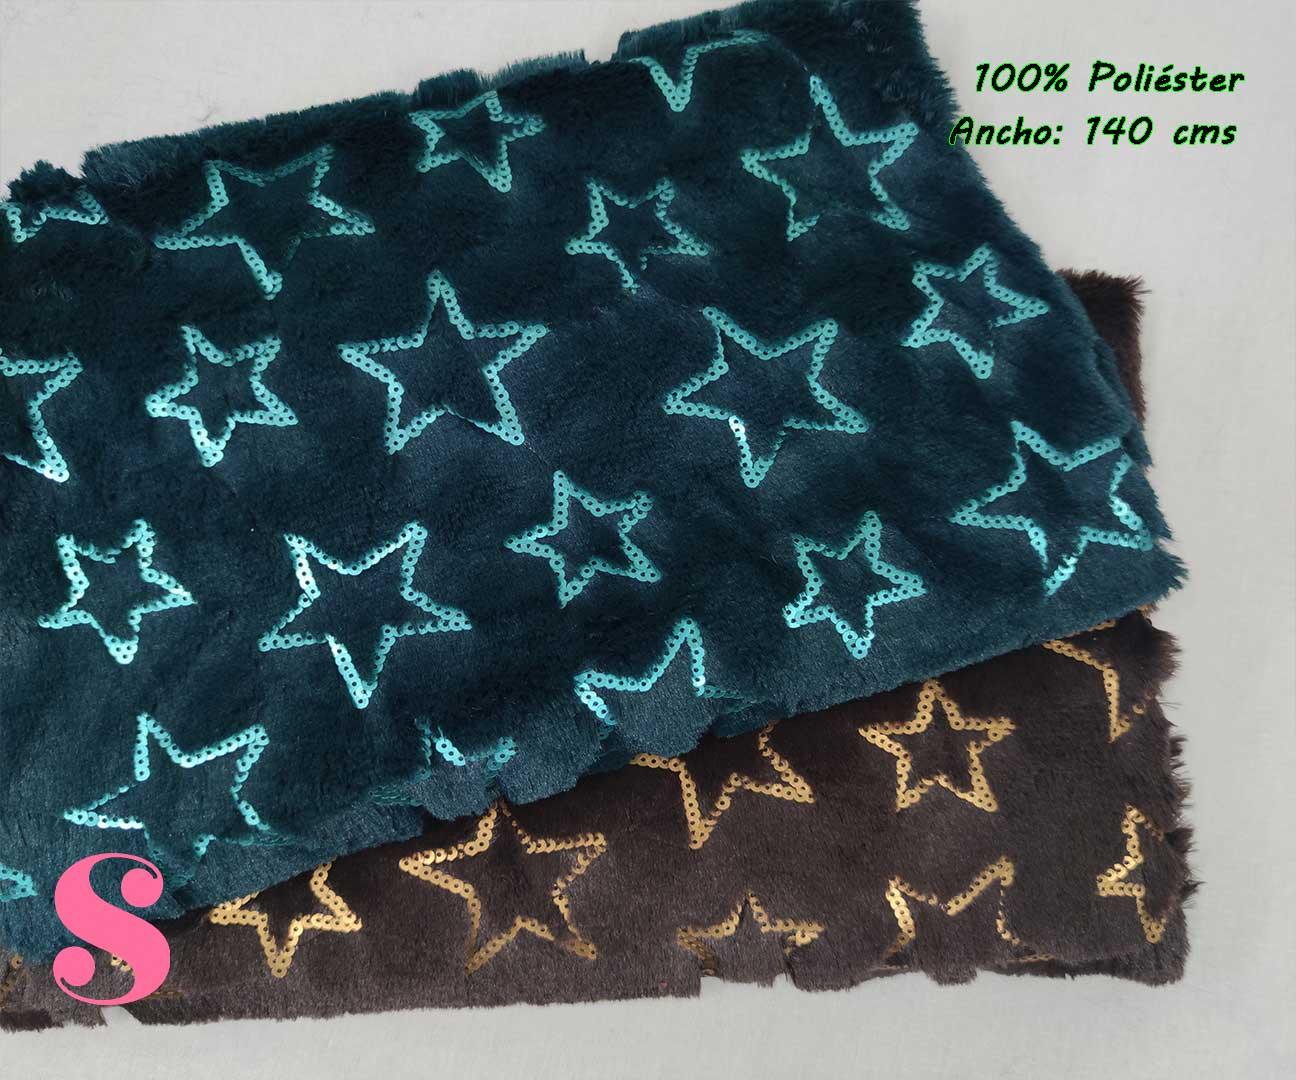 1-tejidos-calentitos,telas-de-invierno,telas-para-hacer-mantas,tejidos-de-pelo,Peluche Stars Doradas